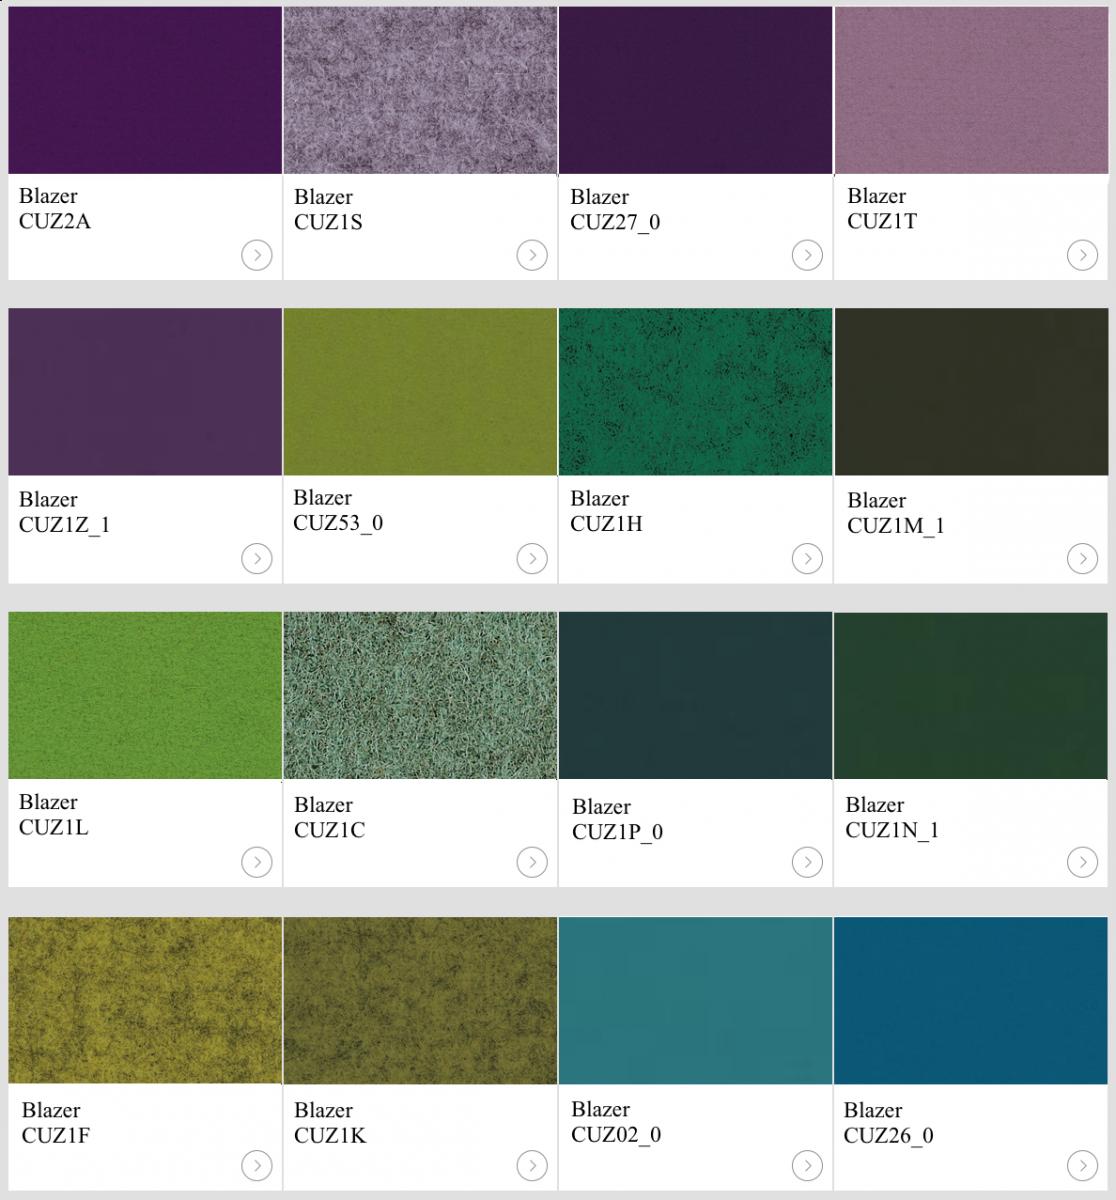 Textil Blazer III kulörer till skärmväggar